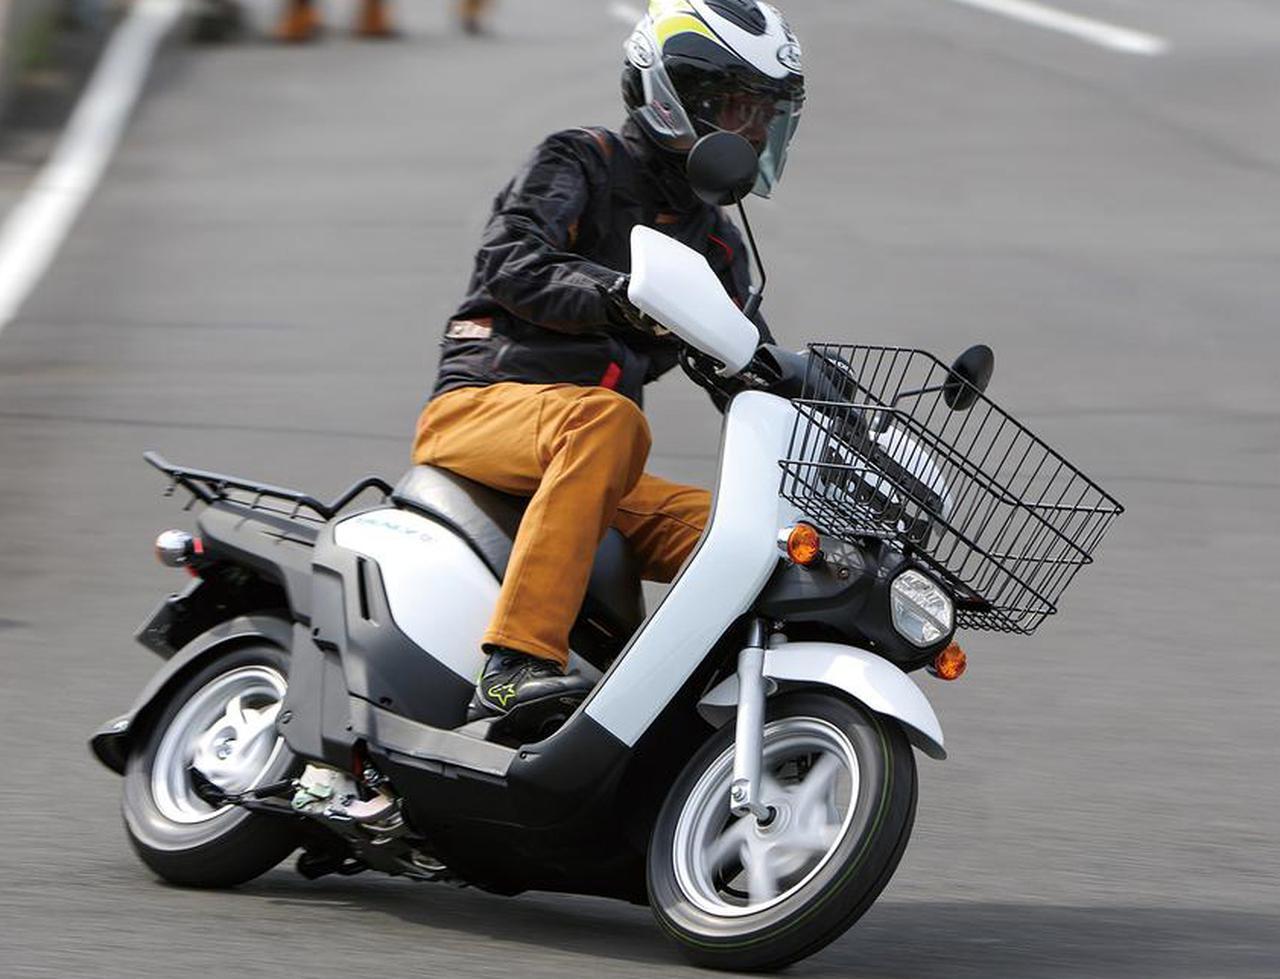 画像: 【インプレ】「ベンリィe: I/I プロ」「ベンリィe:II/II プロ」ホンダ製の電動バイクはどこまで進化したのか?  - webオートバイ